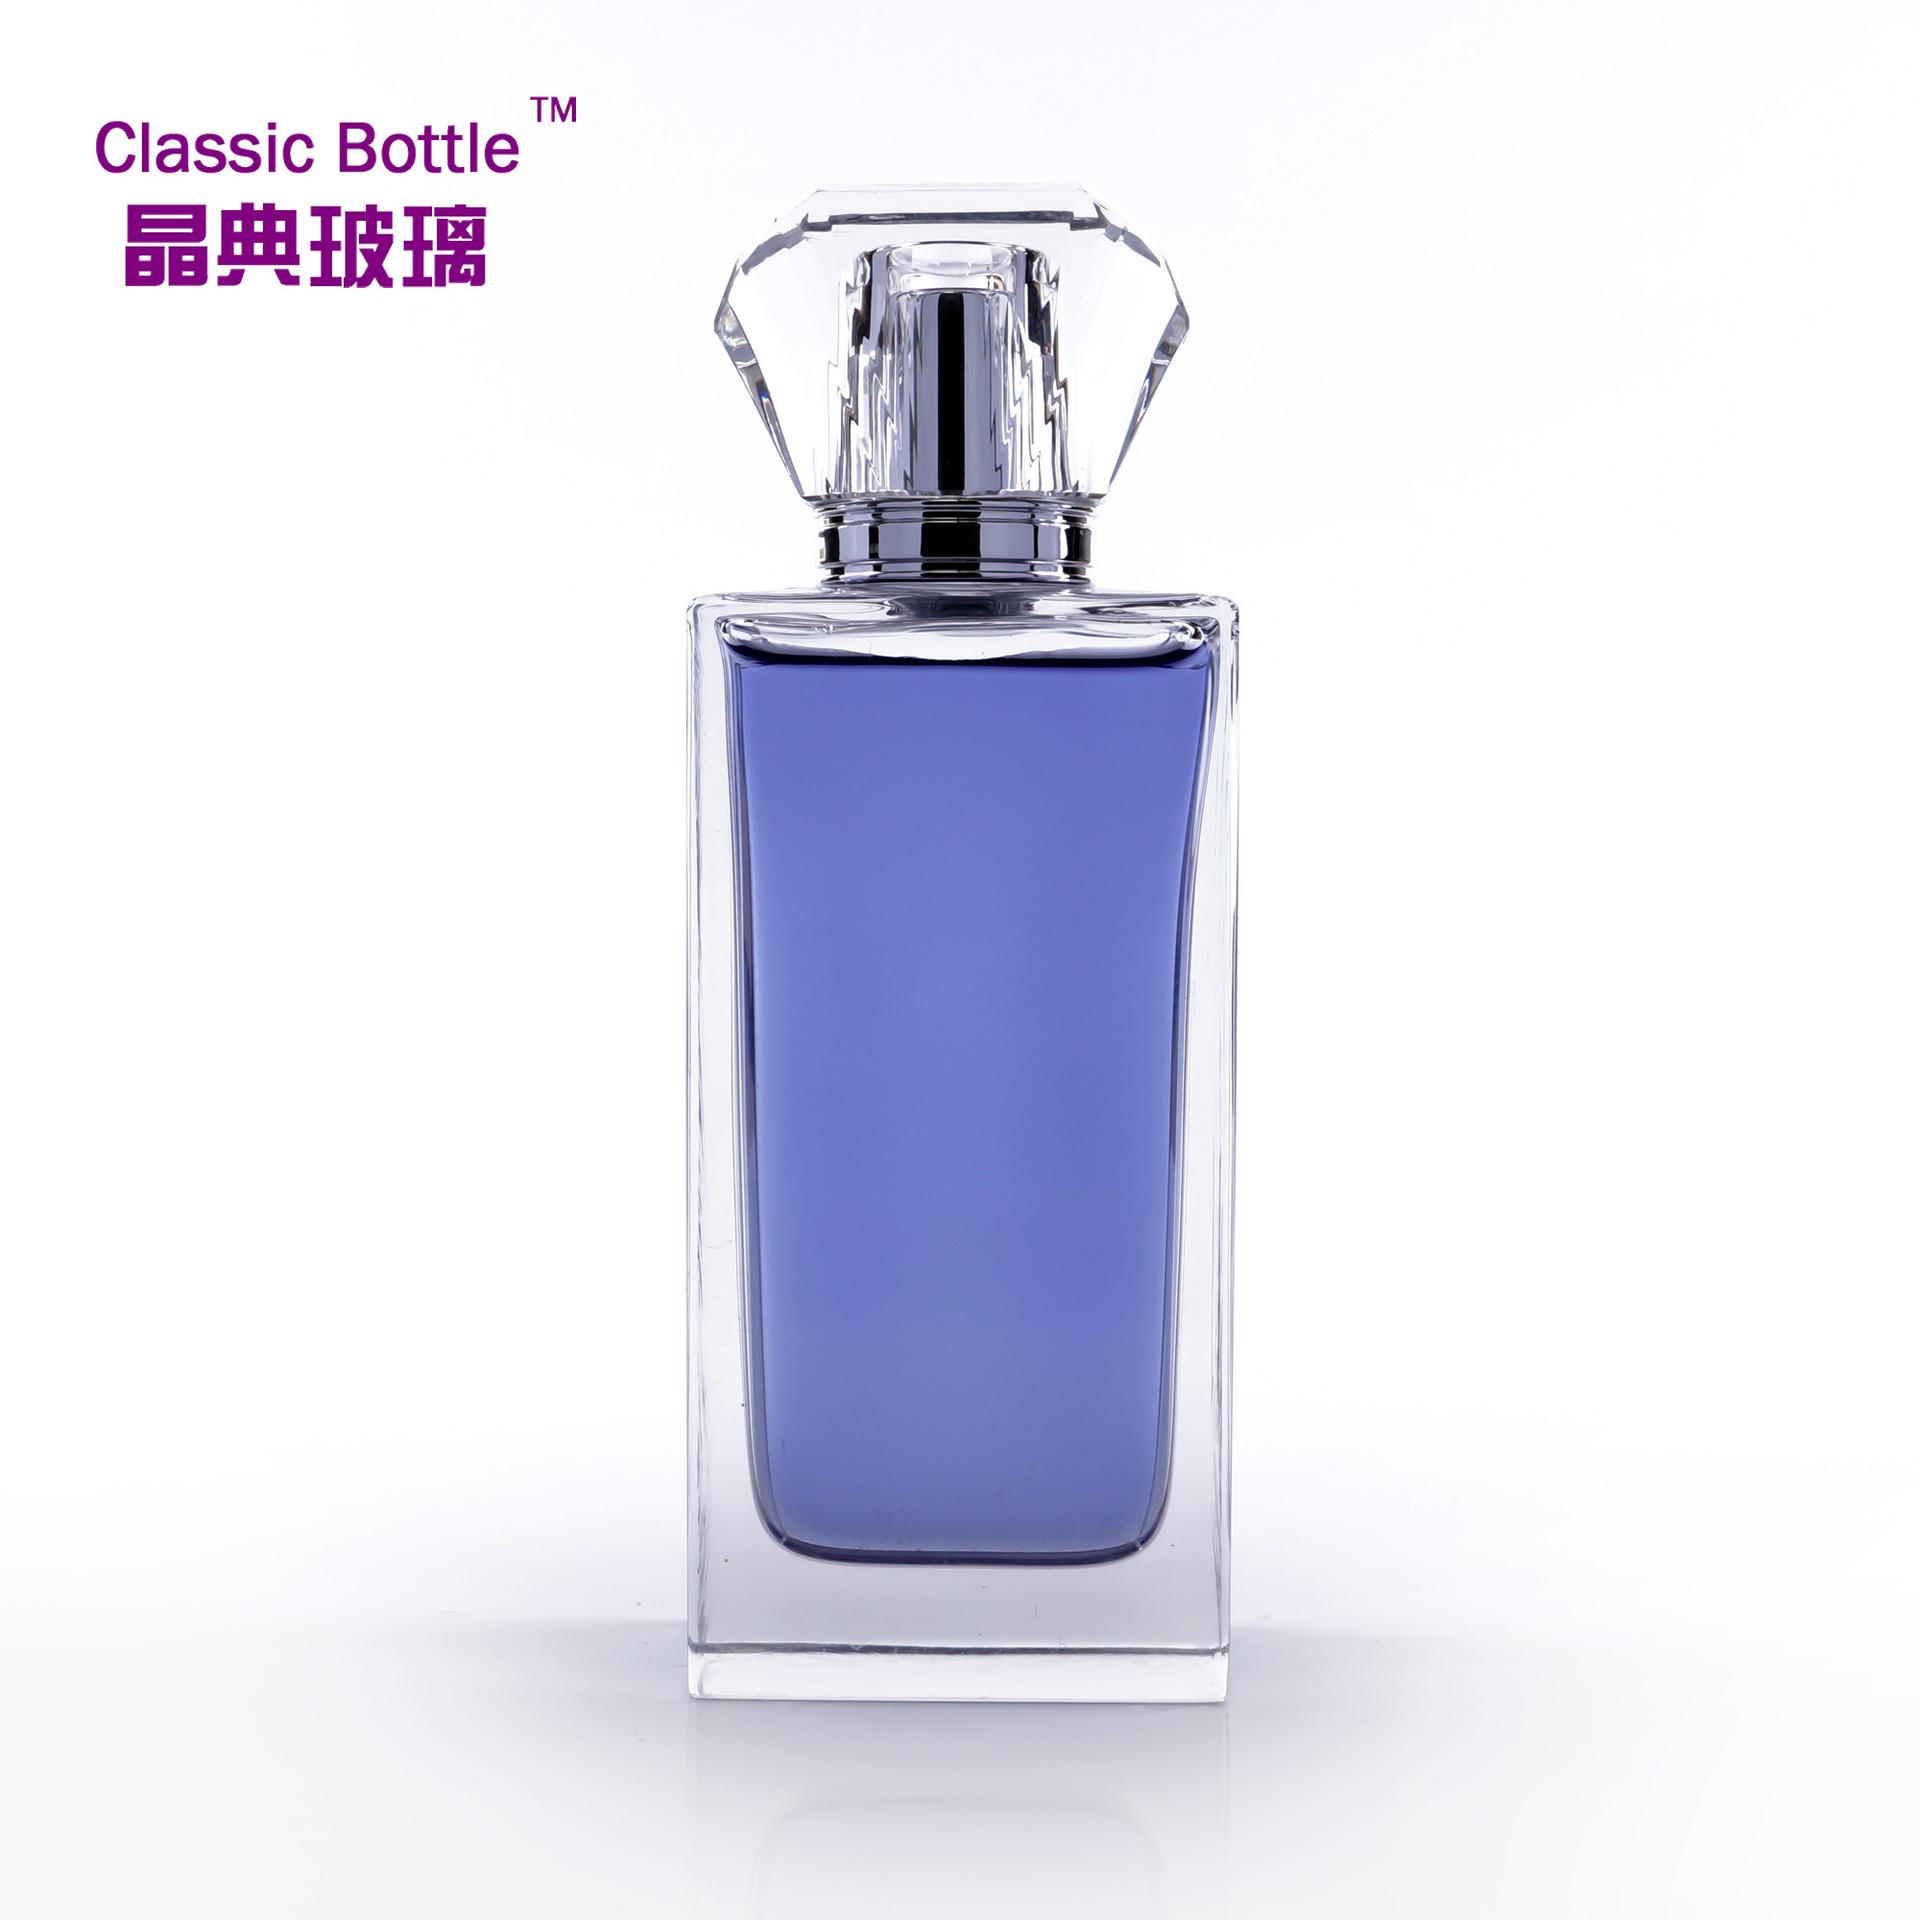 瓶厂制作水晶瓶 100ML 新品人体香水玻璃瓶 定做化妆品抛光瓶子